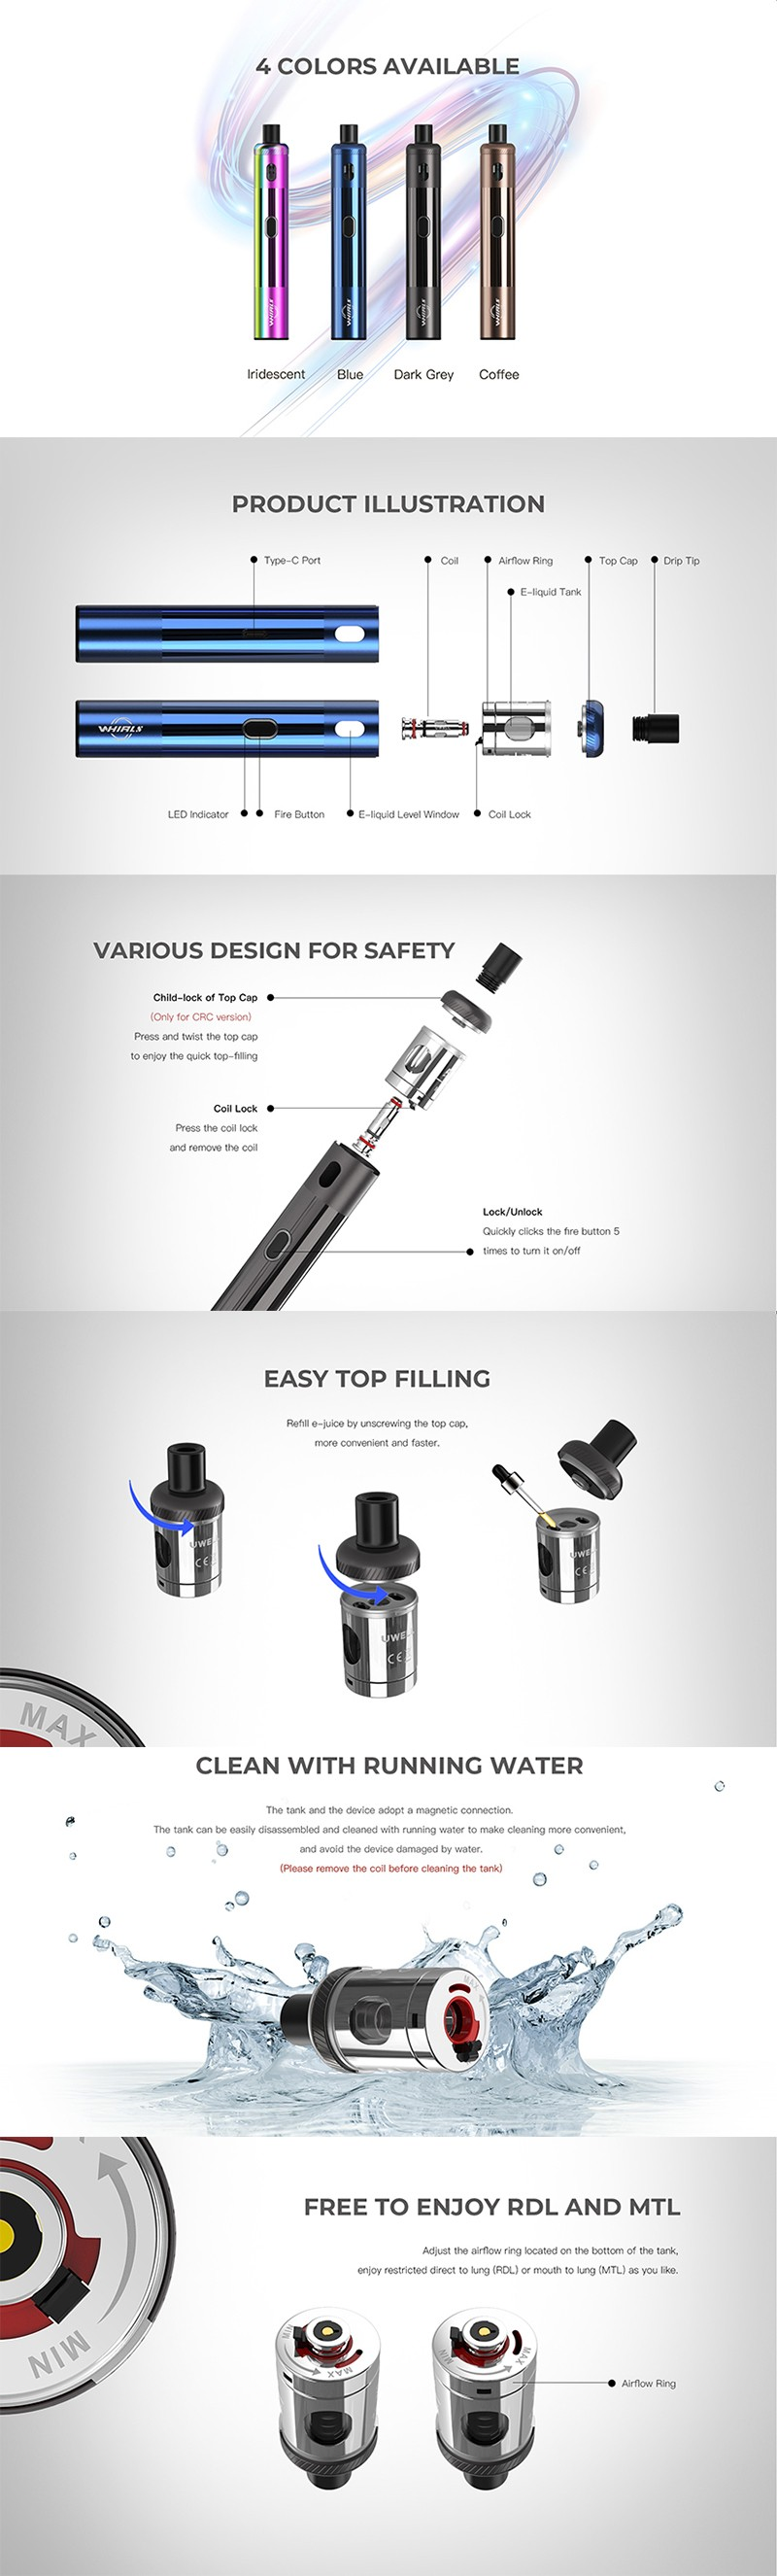 Authentic Uwell Whirl S 1450mAh 18W Pod System Vape Pen Starter Kit